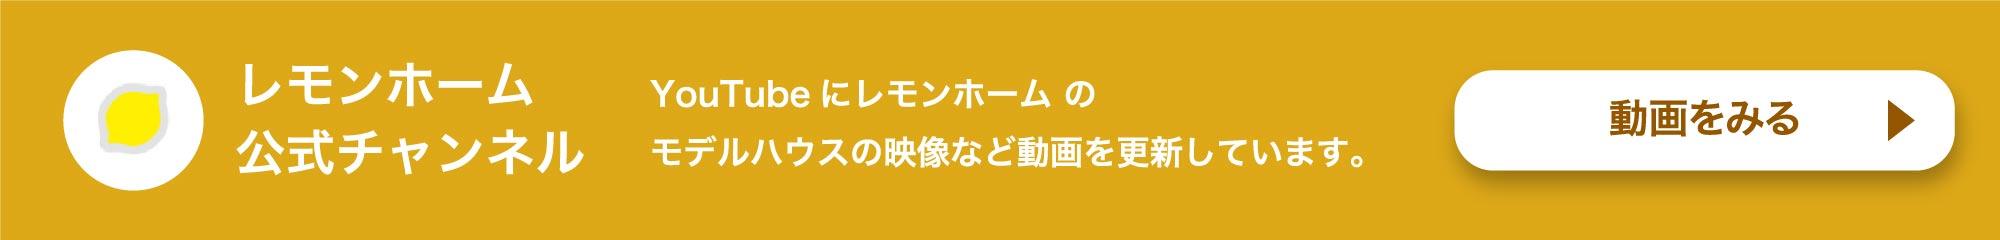 レモンホーム公式チャンネル